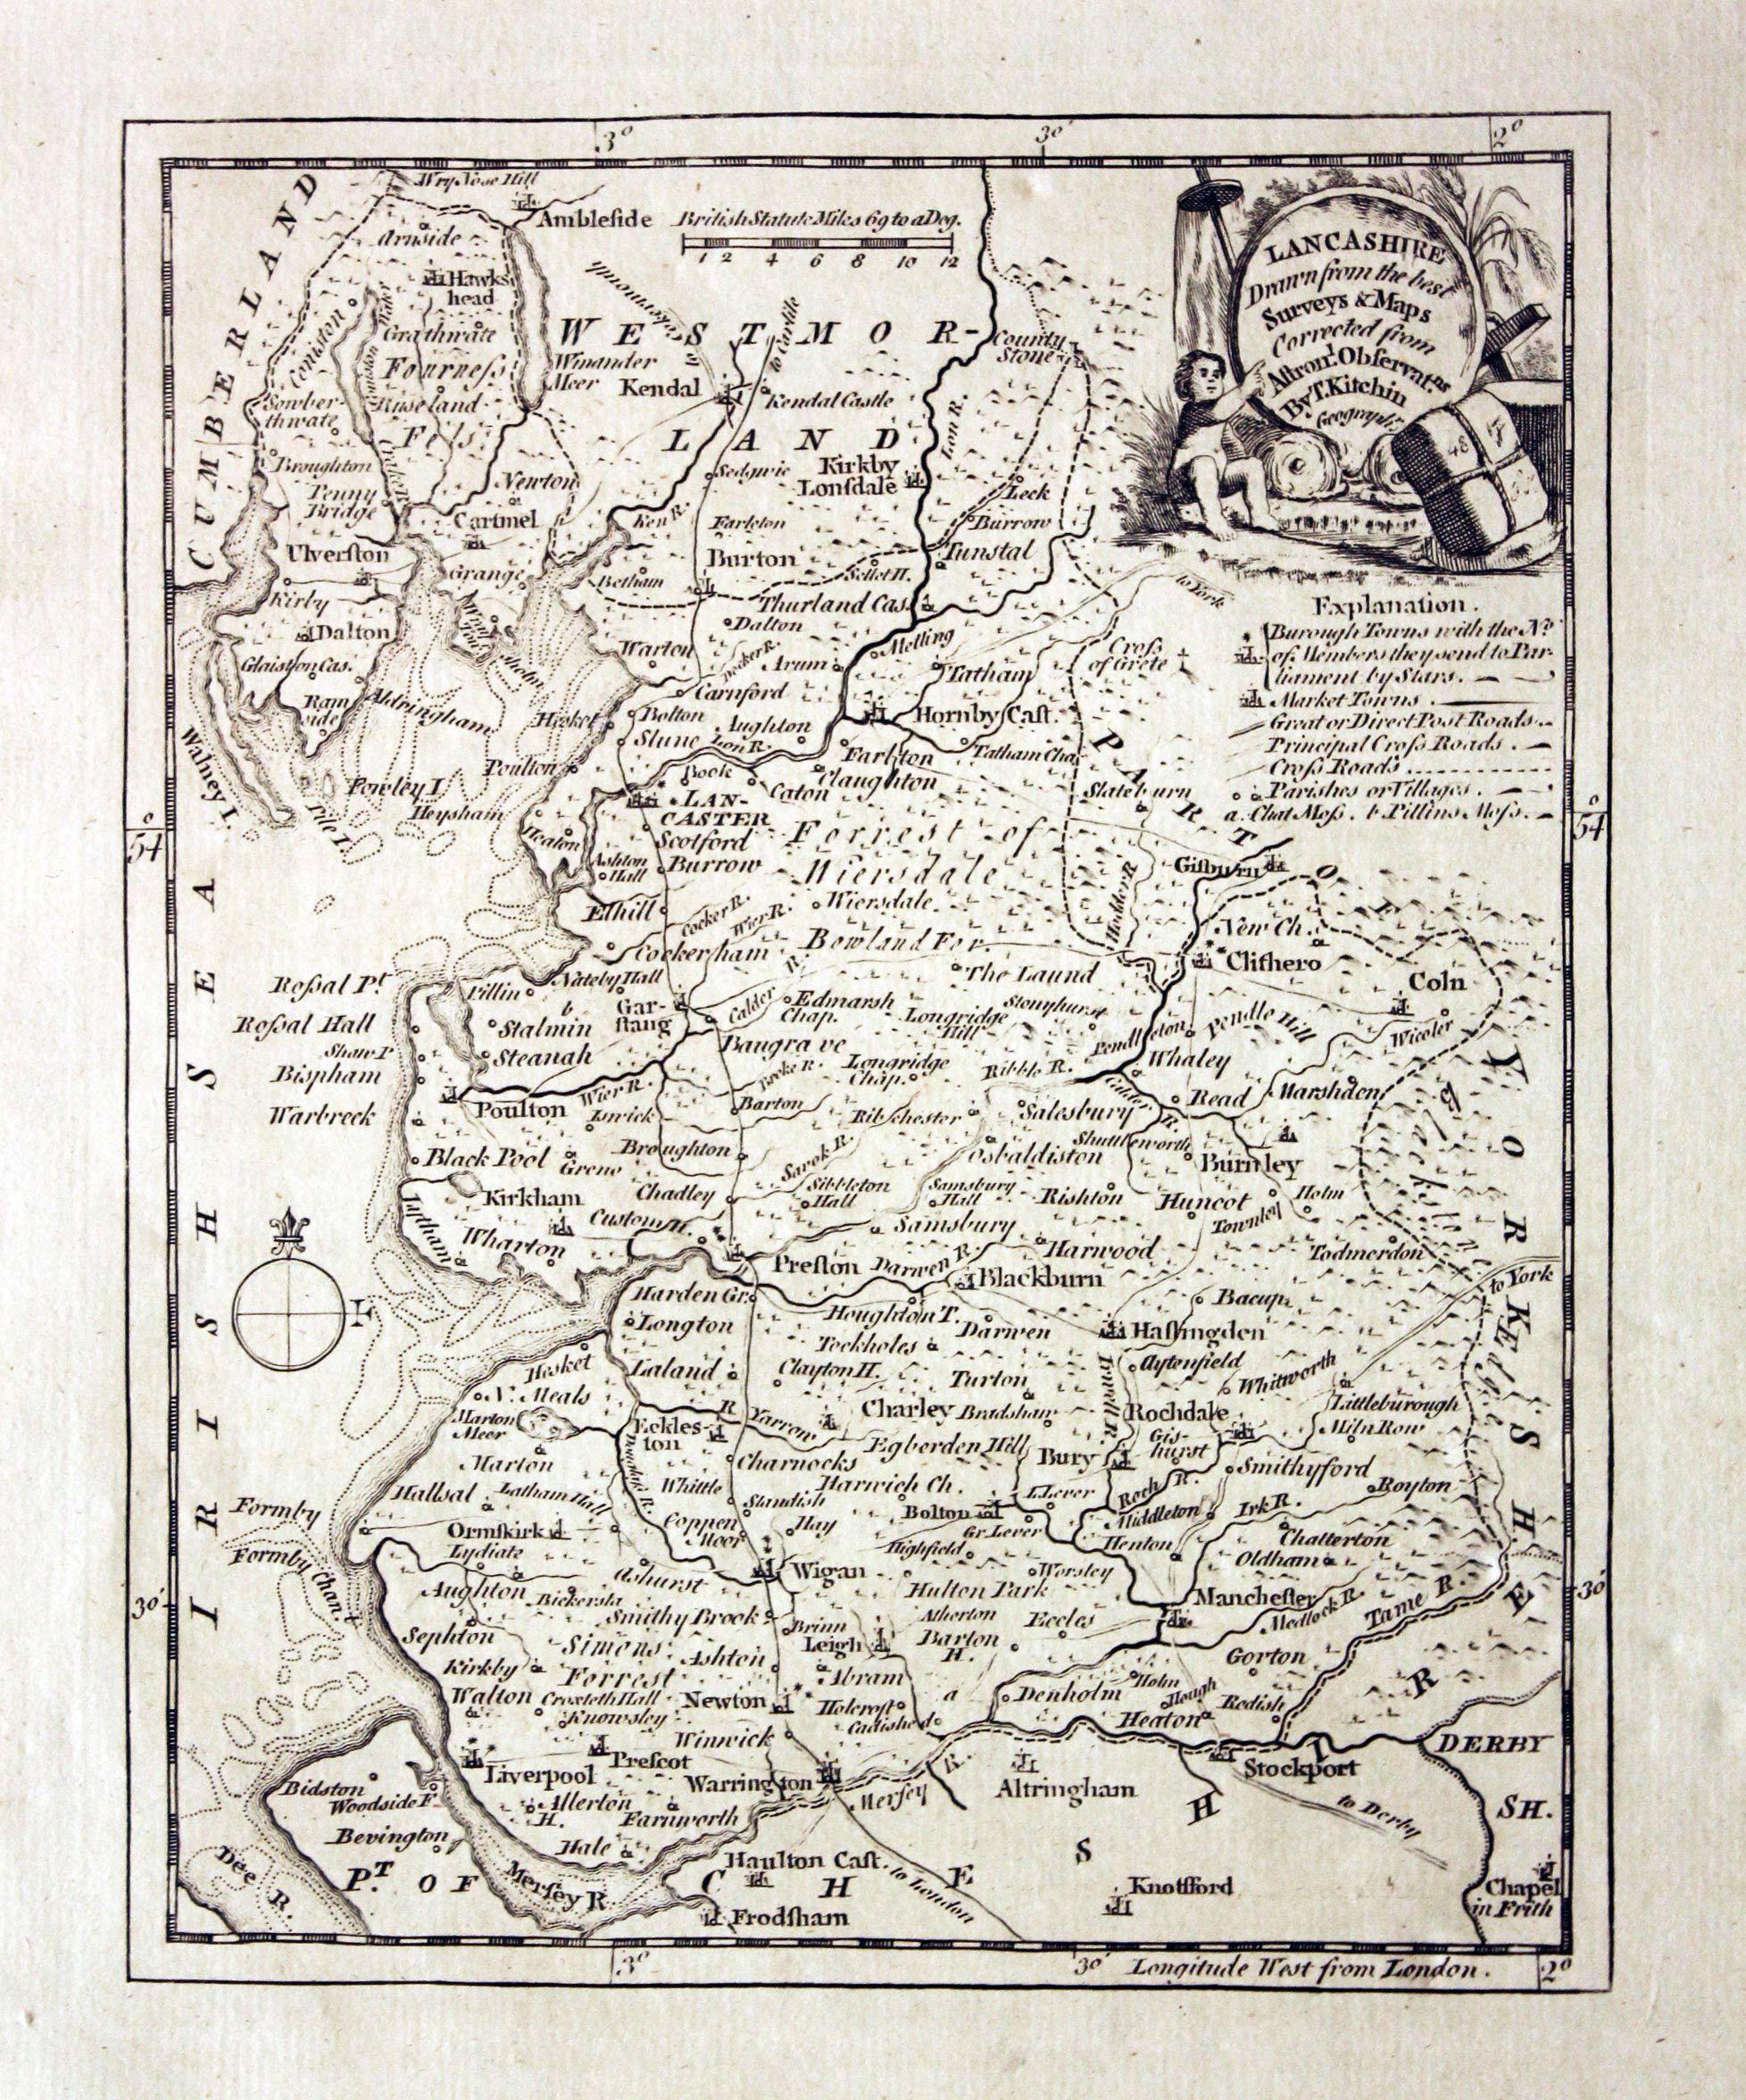 29333 Jpg 1 956 2 352 Pixels Map Vintage World Maps Home Art